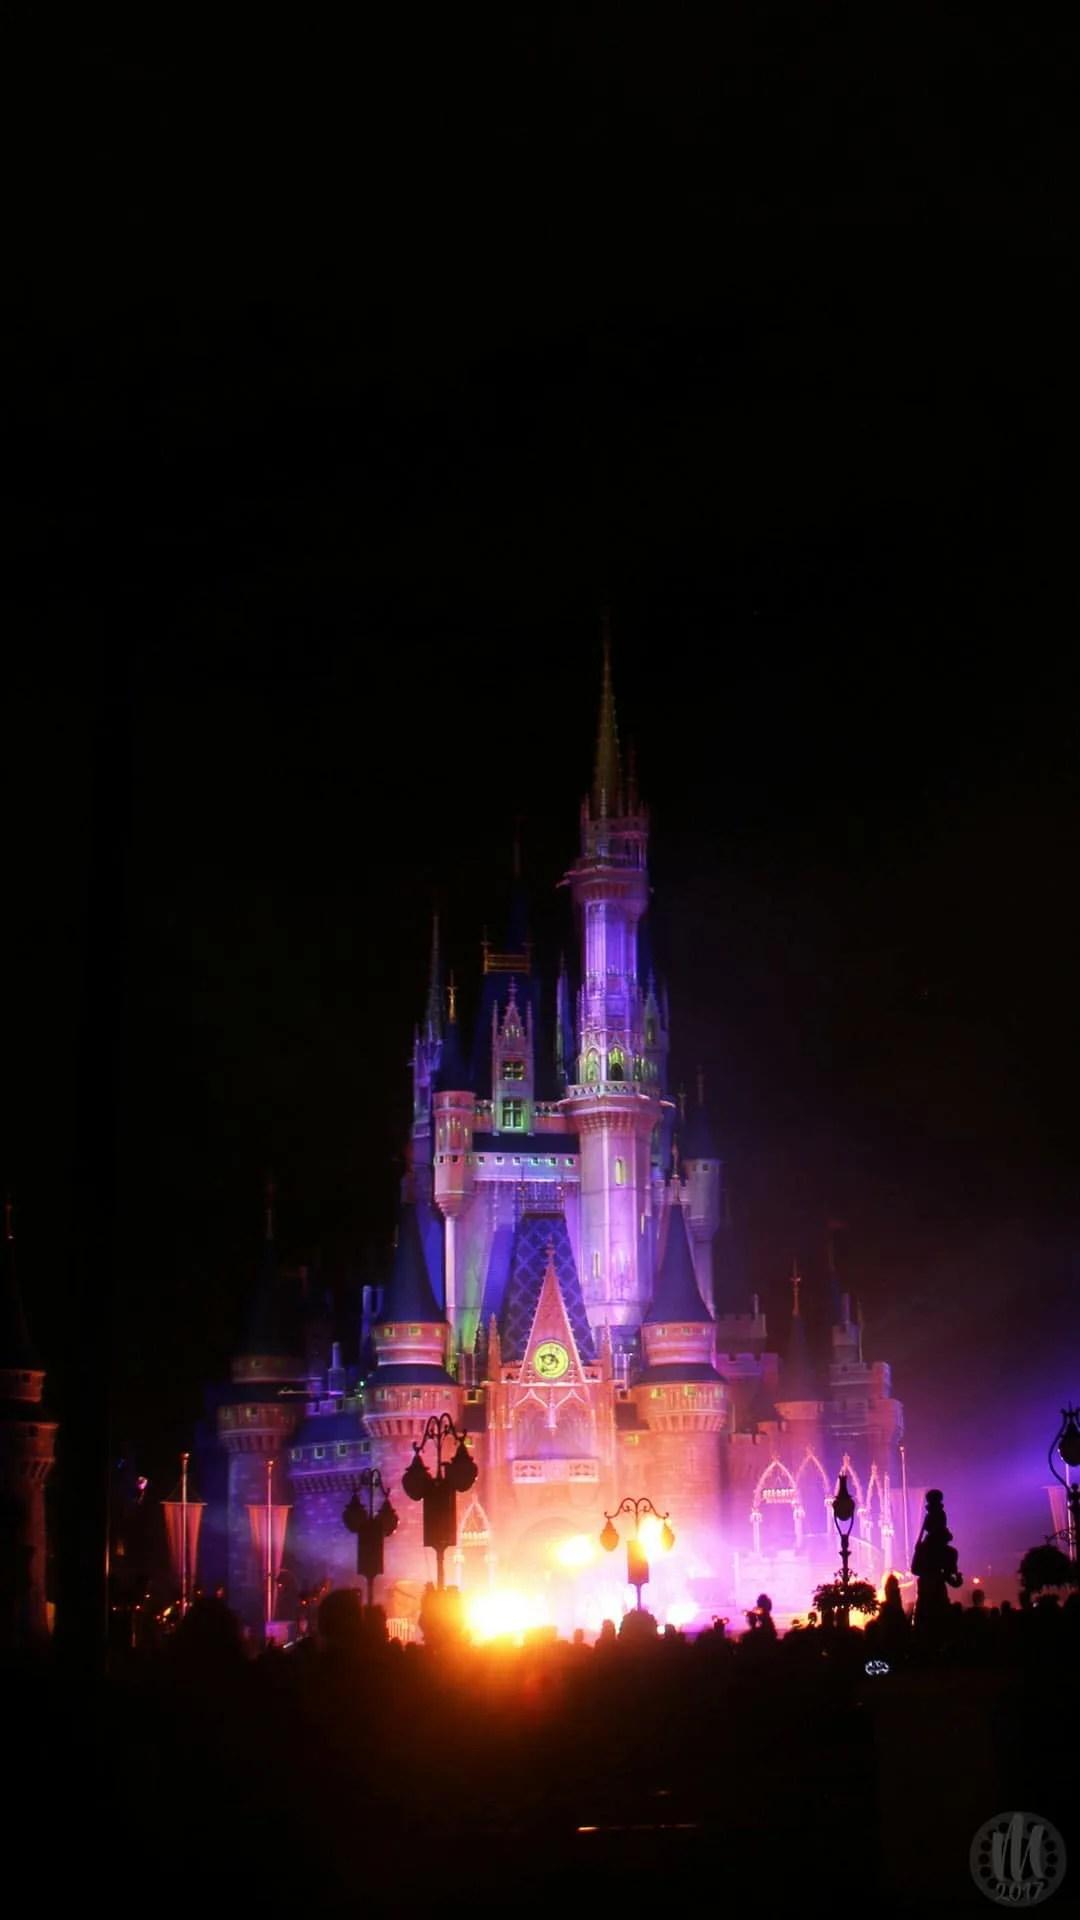 Download Wallpaper Halloween Iphone - Walt-Disney-World-Halloween-iPhone-Wallpapers-9  Pictures_648532.jpg?resize\u003d1080%2C1920\u0026ssl\u003d1